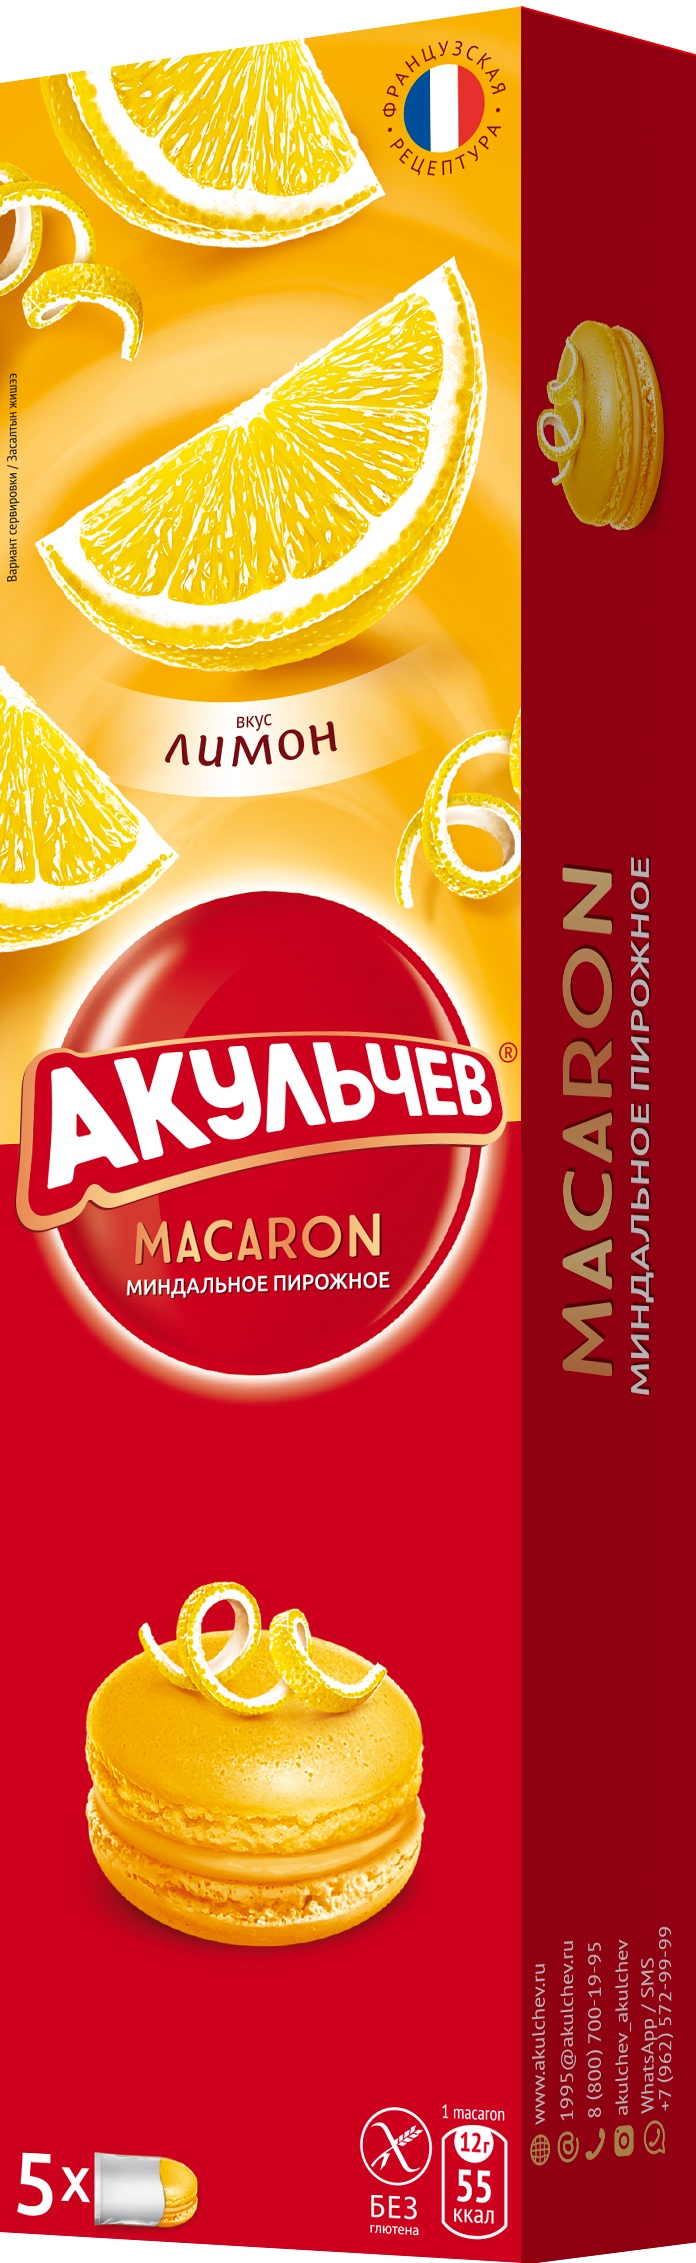 Макаруны ТМ АКУЛЬЧЕВ 14076, 72